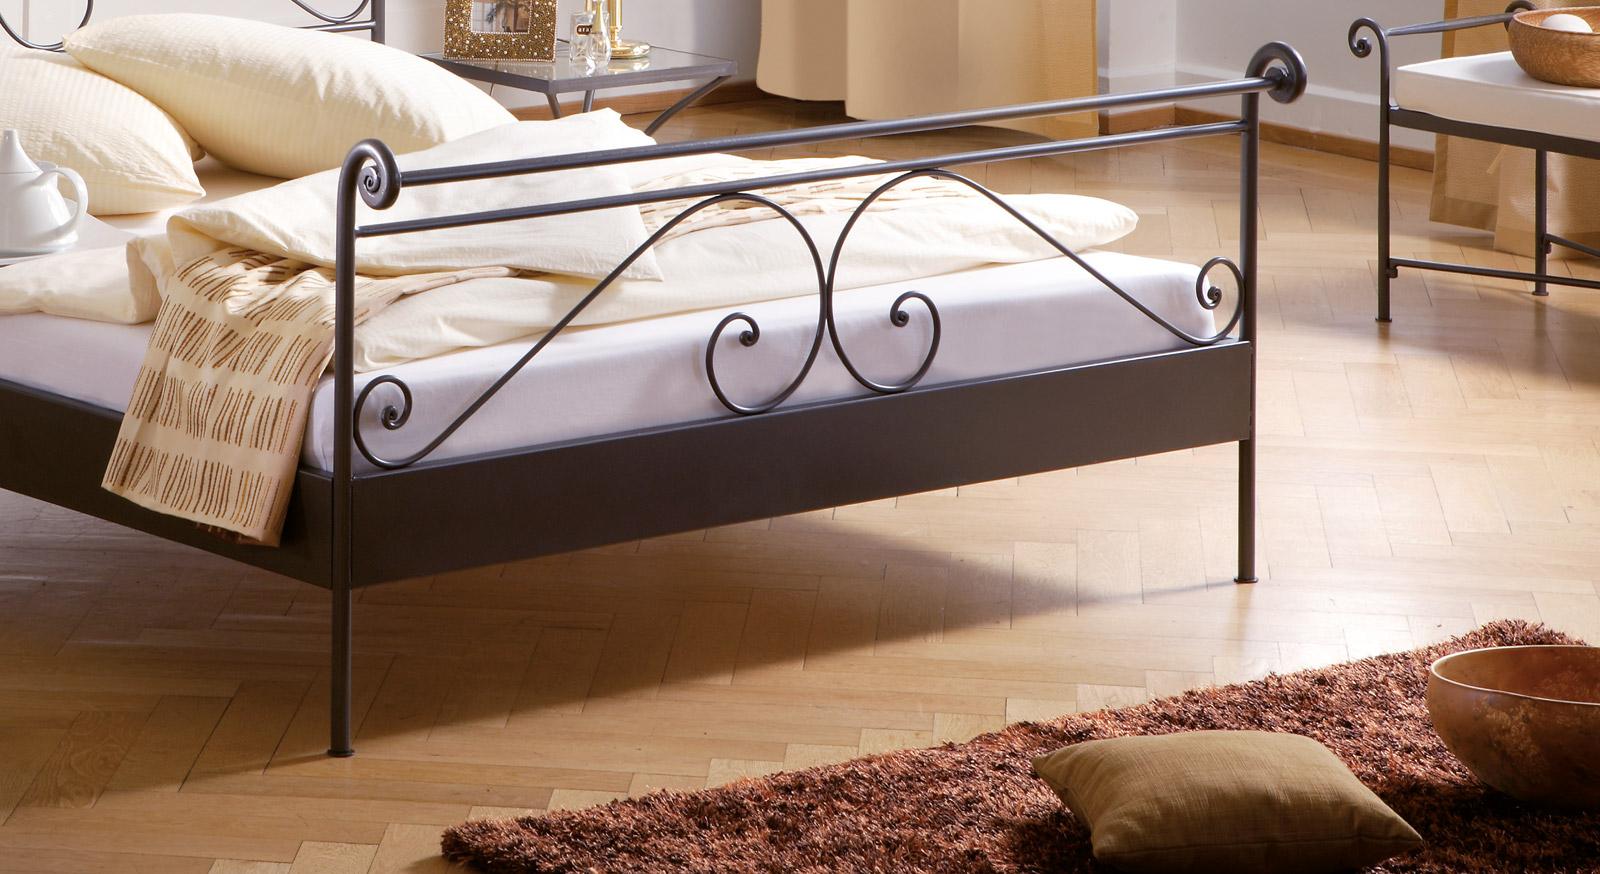 Bett Ceretes Verschnörkelungen und Füße